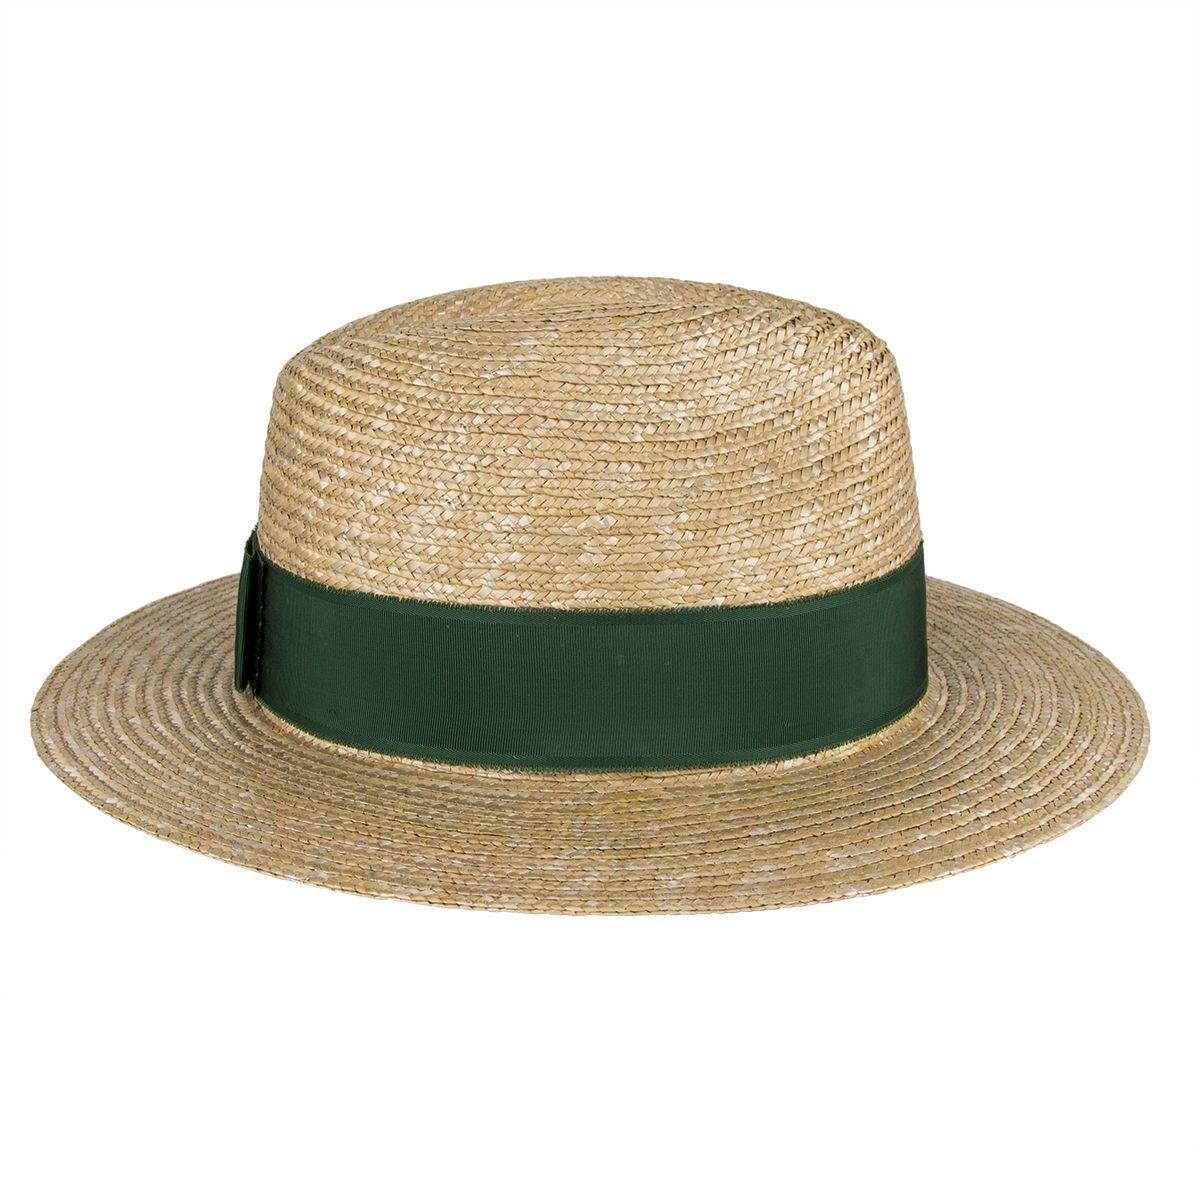 82db919d0c71de Salzburger Heimatwerk - Trachten-Hut aus Stroh für Herren mit Ripsband in  flaschengrün. Dieser